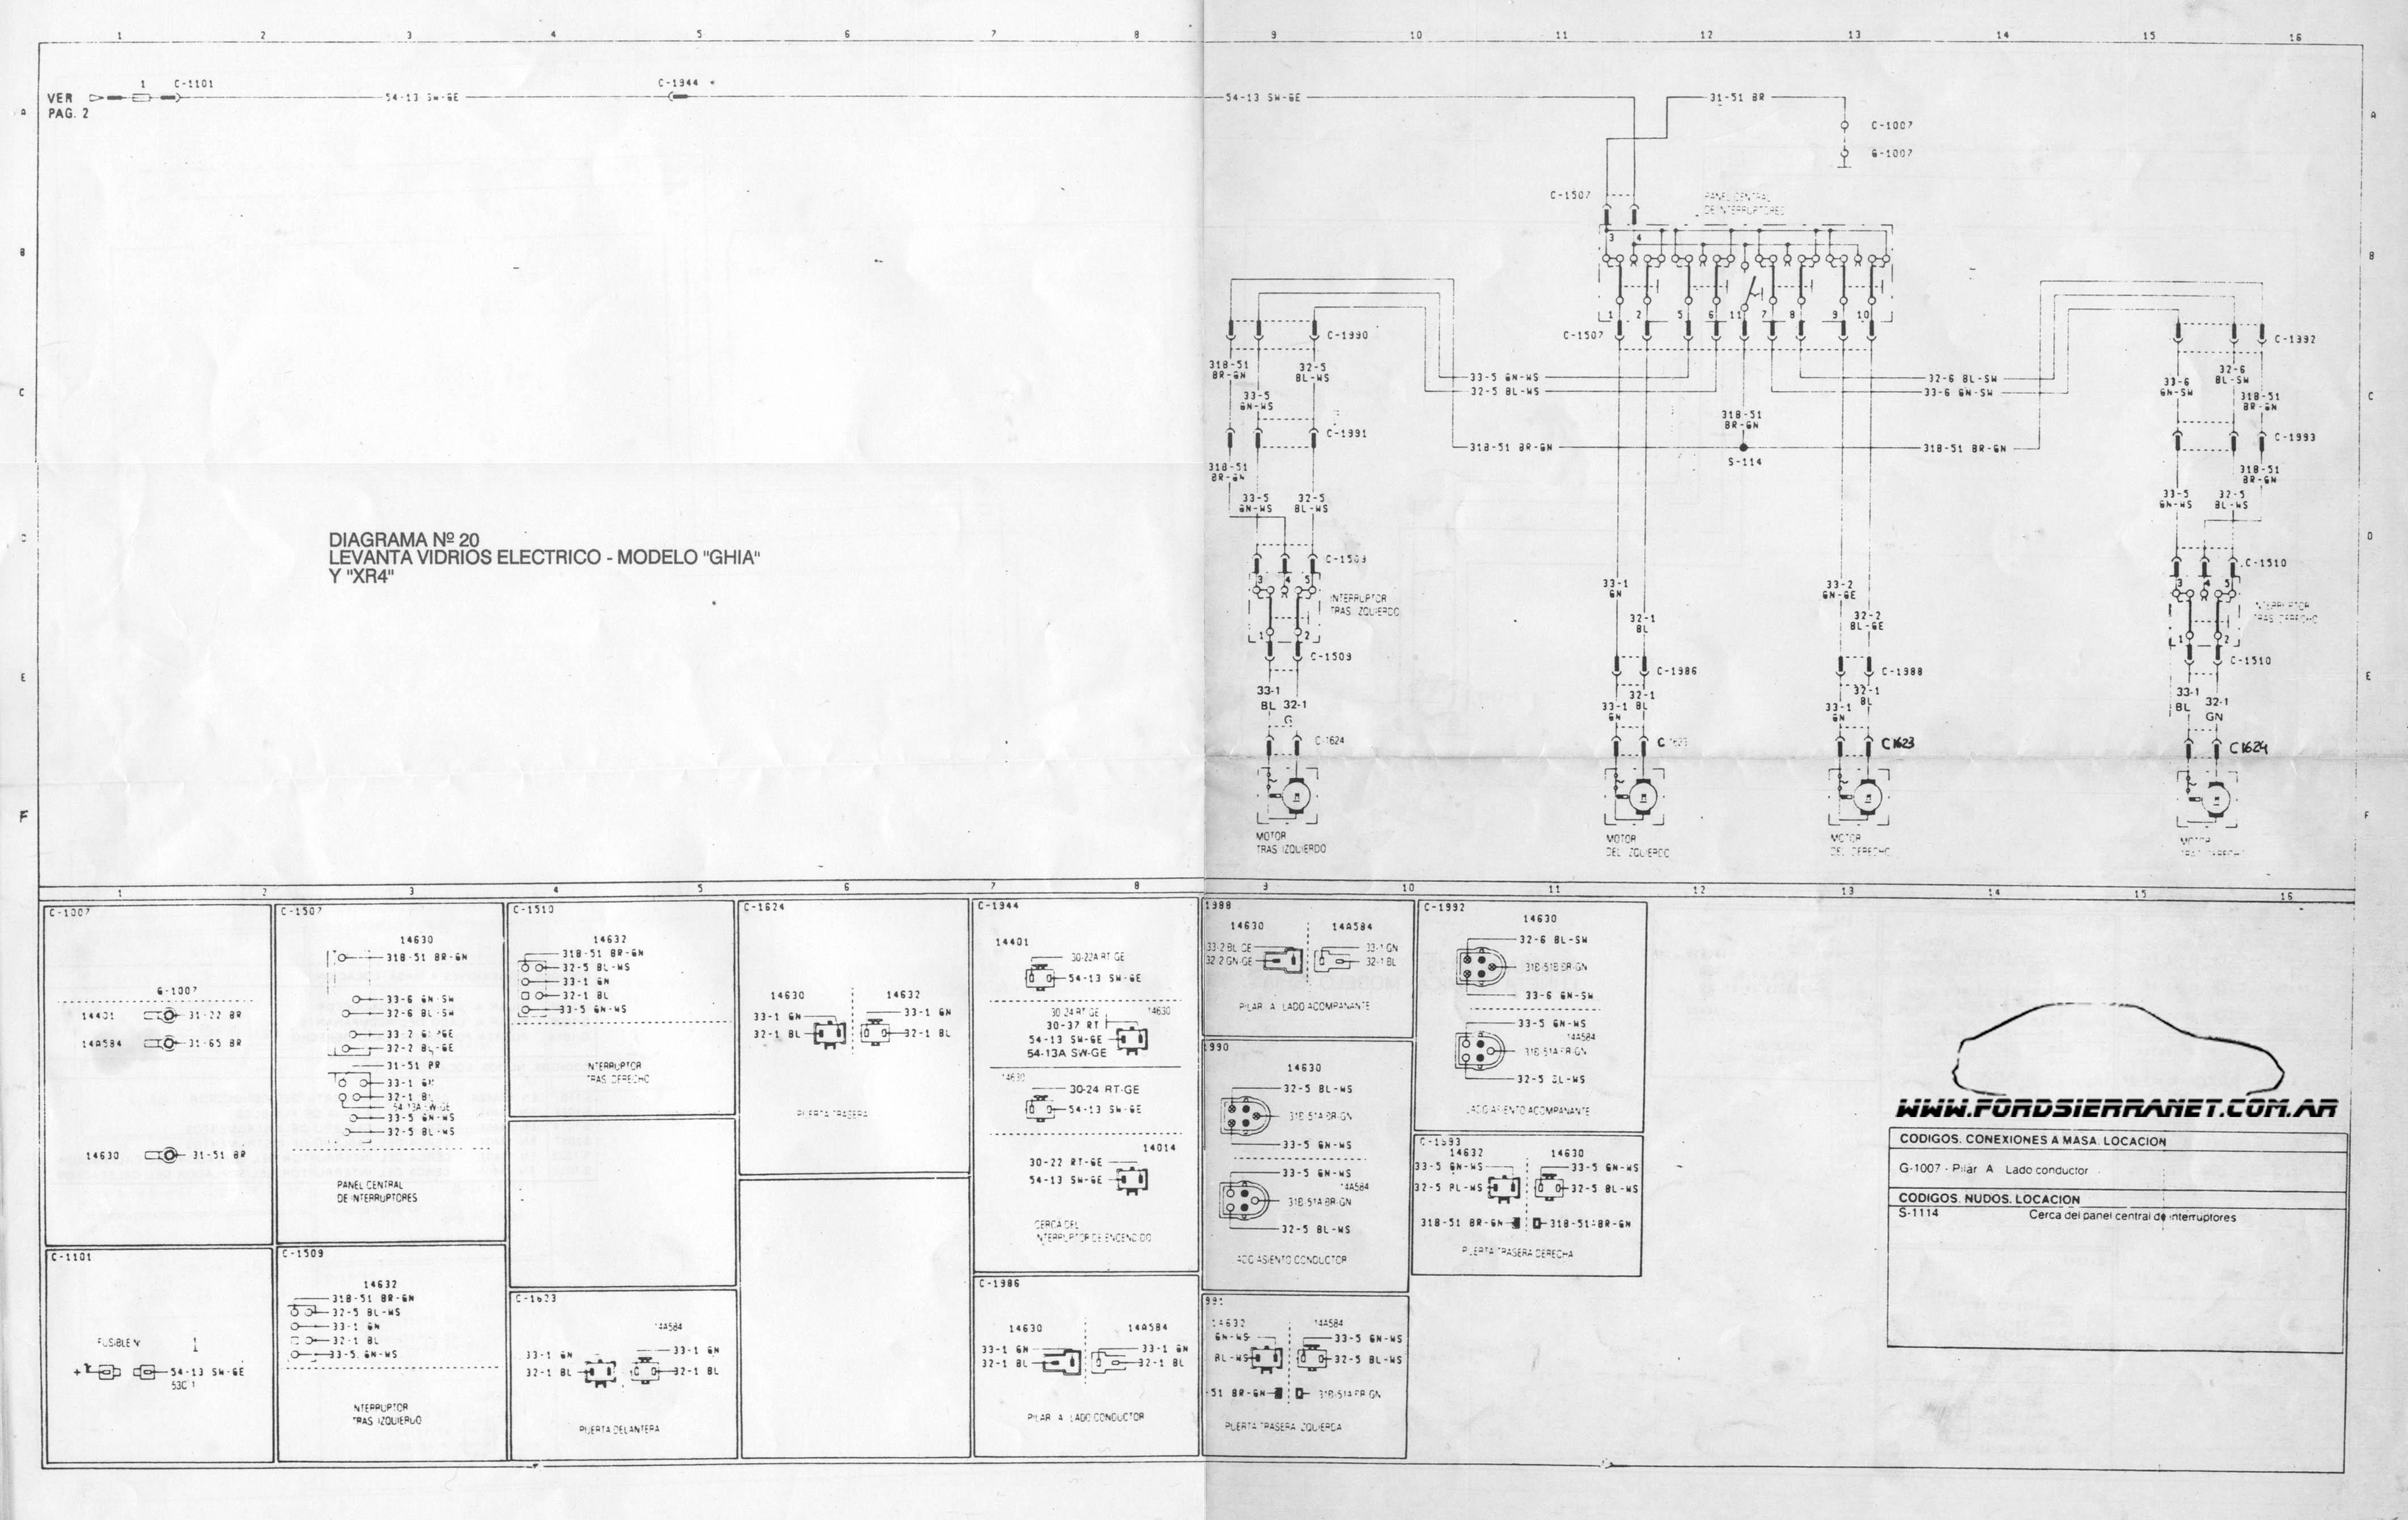 Circuito Levanta Vidrios Electricos : Diagramas electricos